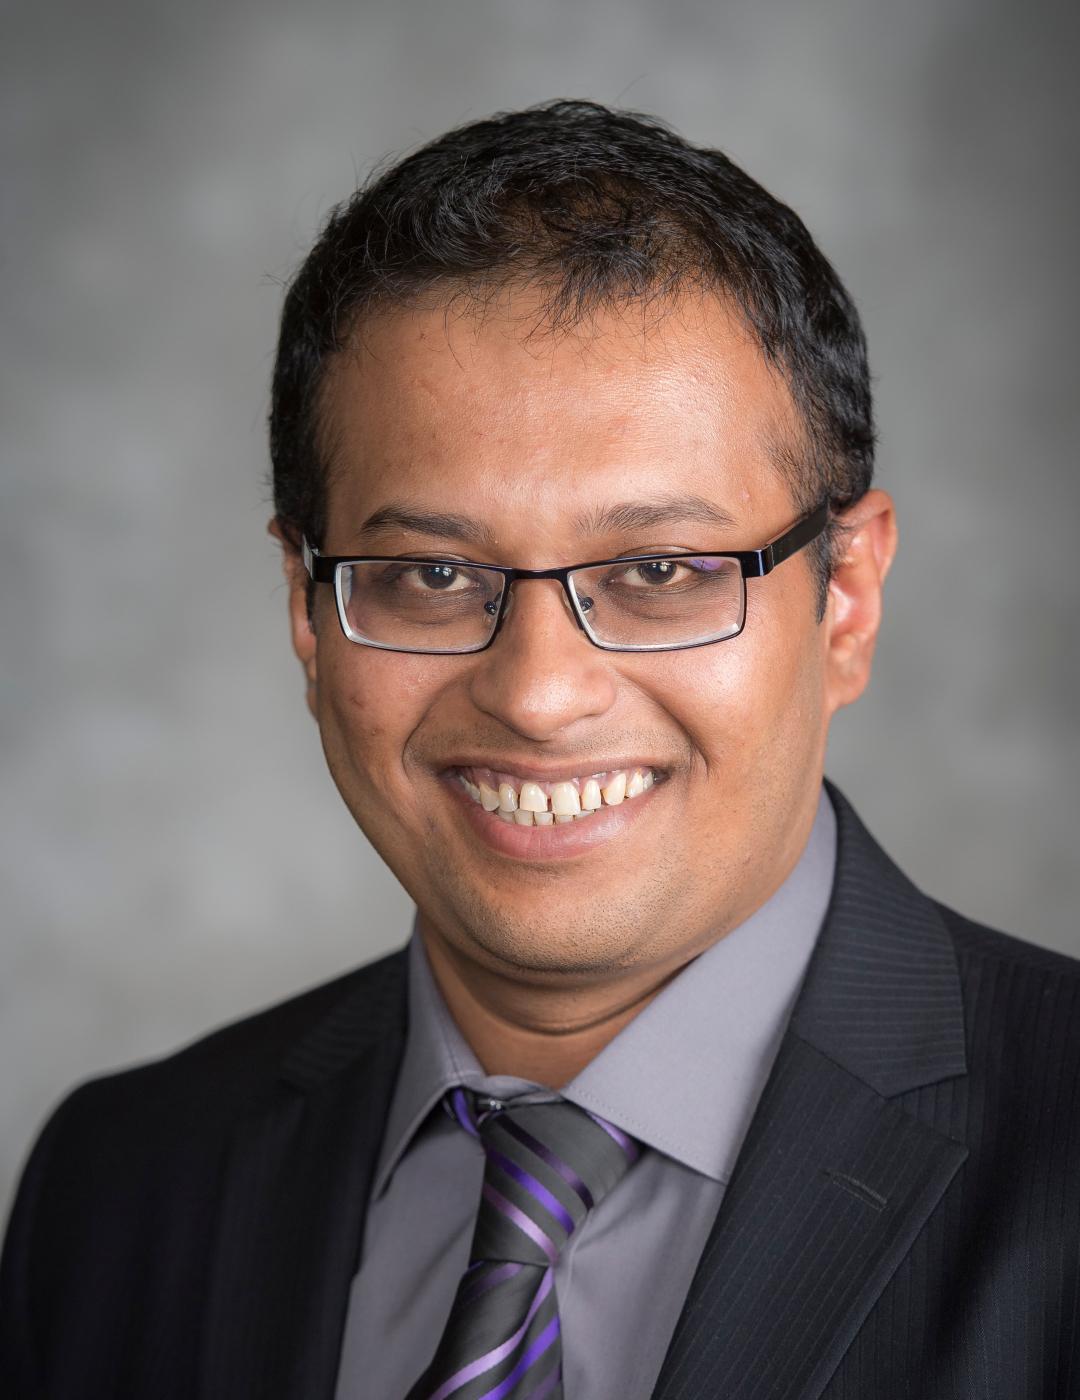 Reza Ahmed